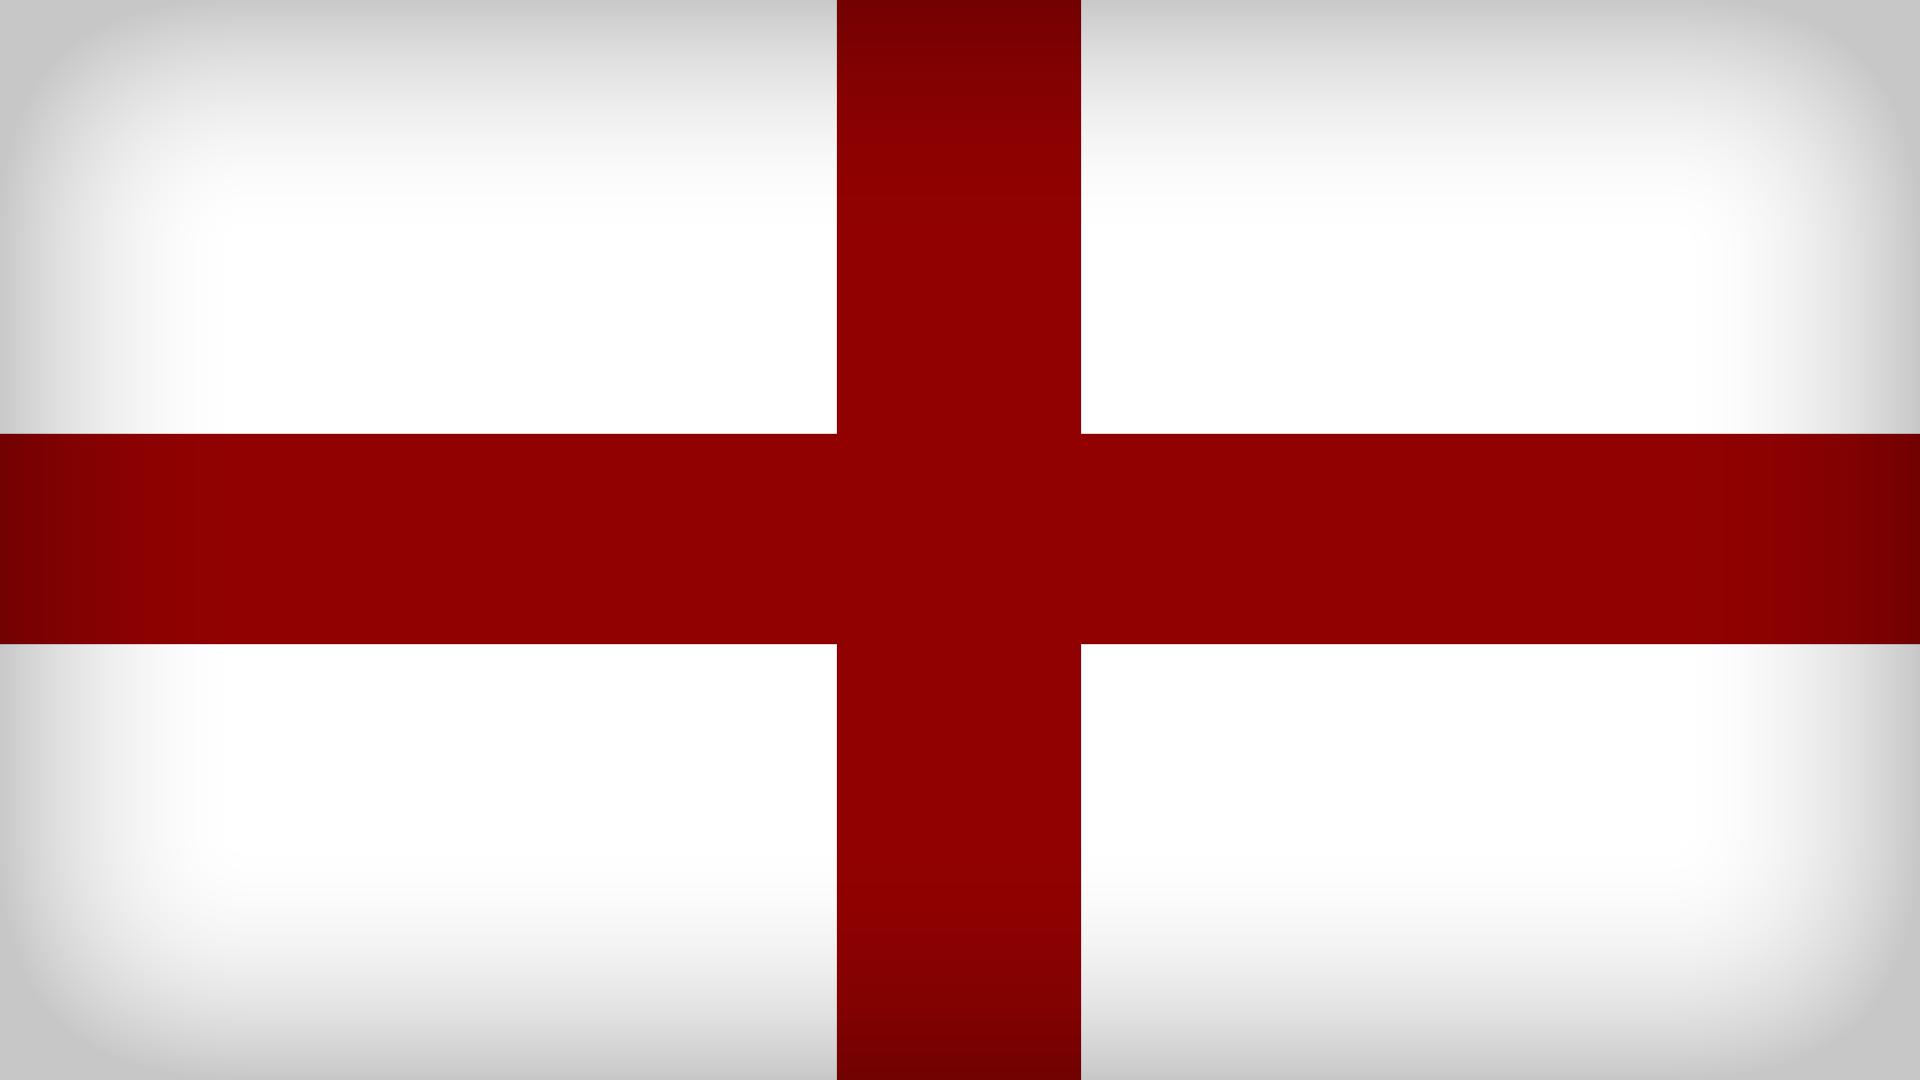 hd england flag wallpapers